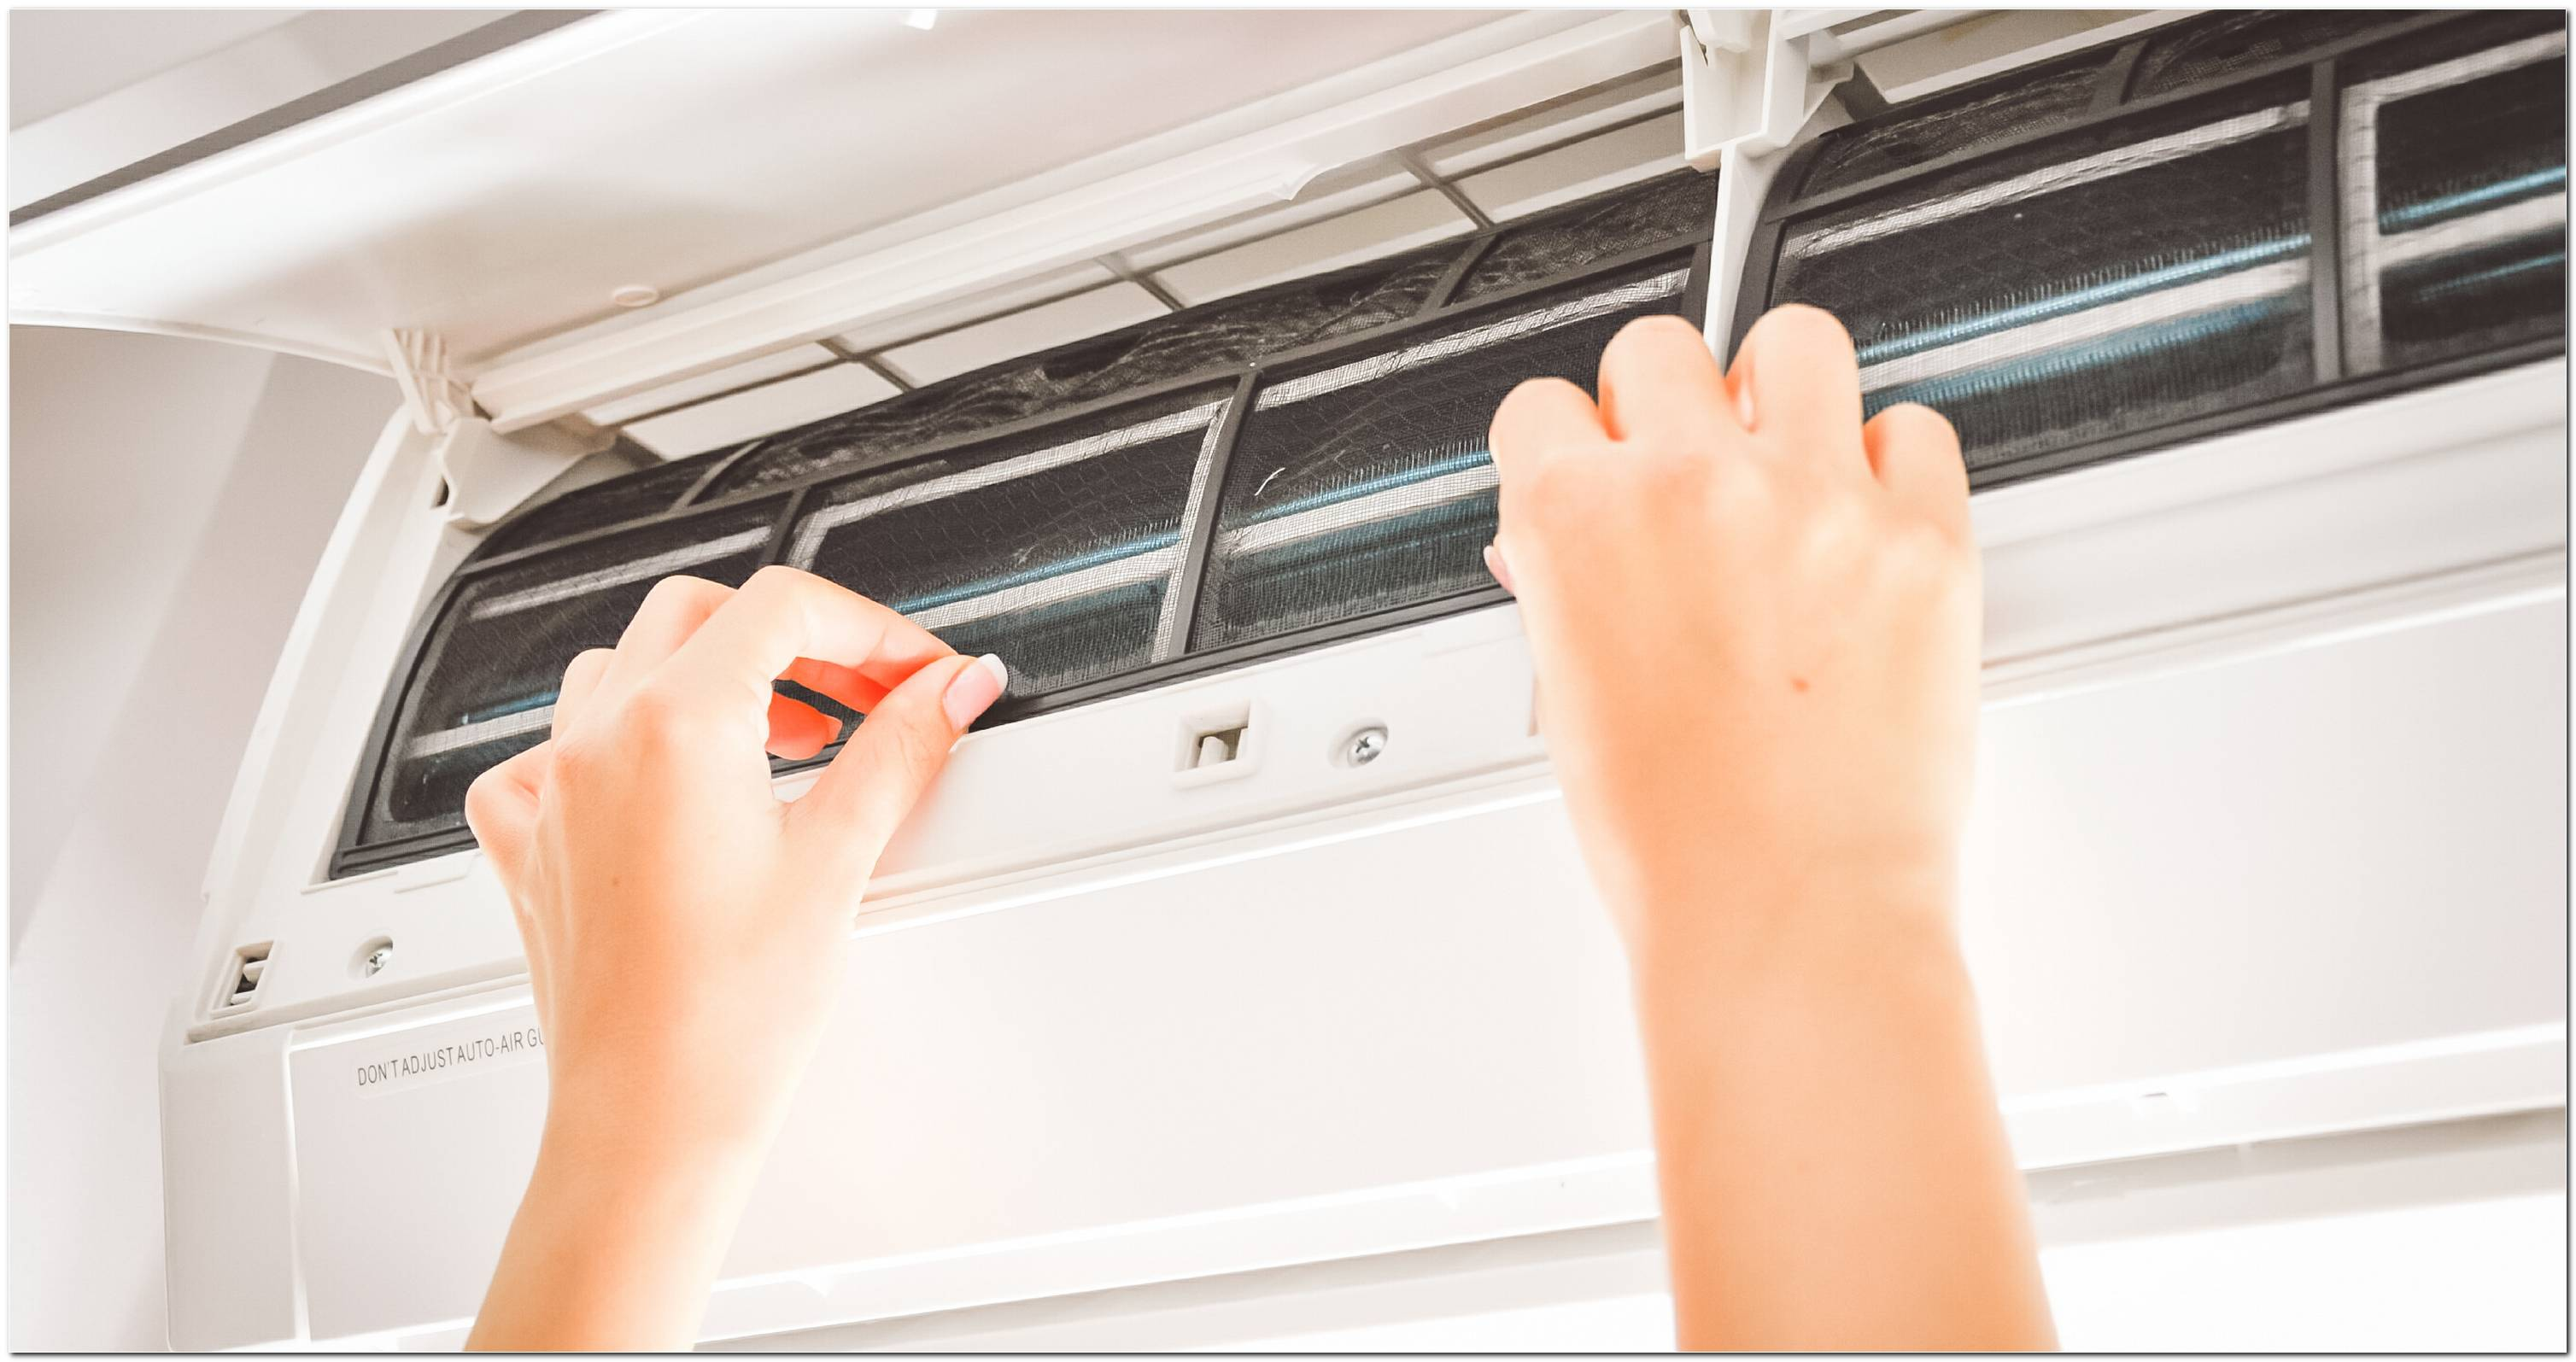 Como Limpar Ar Condicionado Passo A Passo E Dicas Práticas